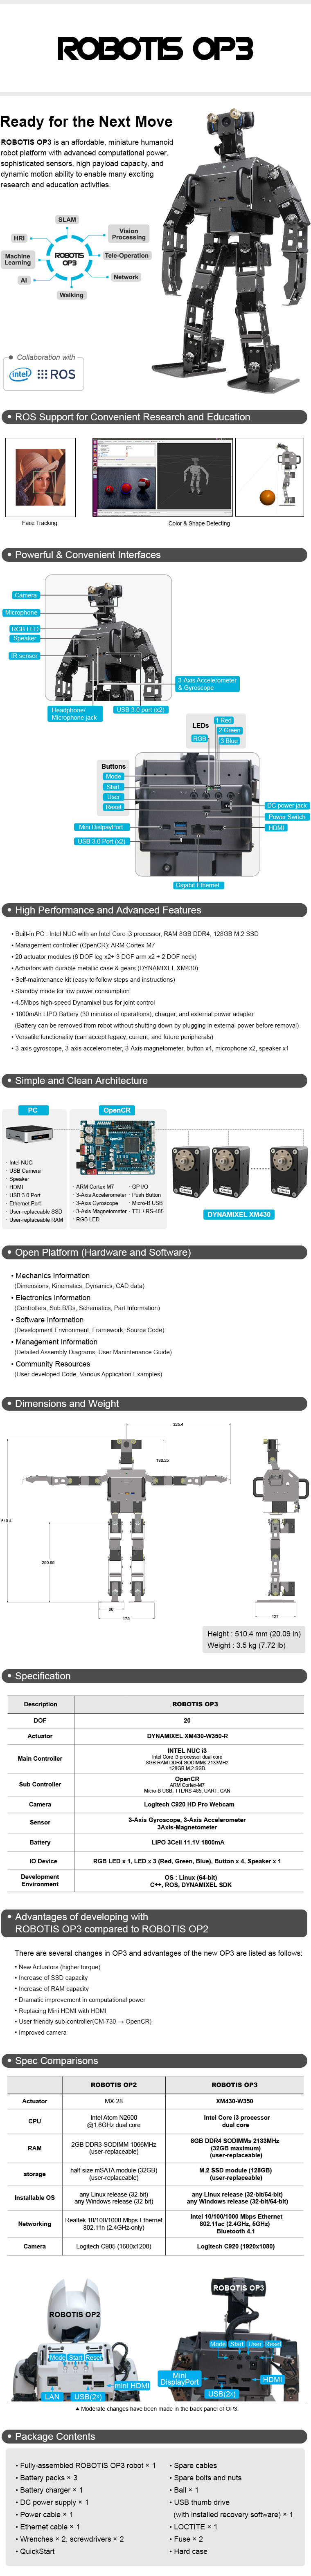 ROBOTIS_OP3_shop_en_ver1730_re1.jpg